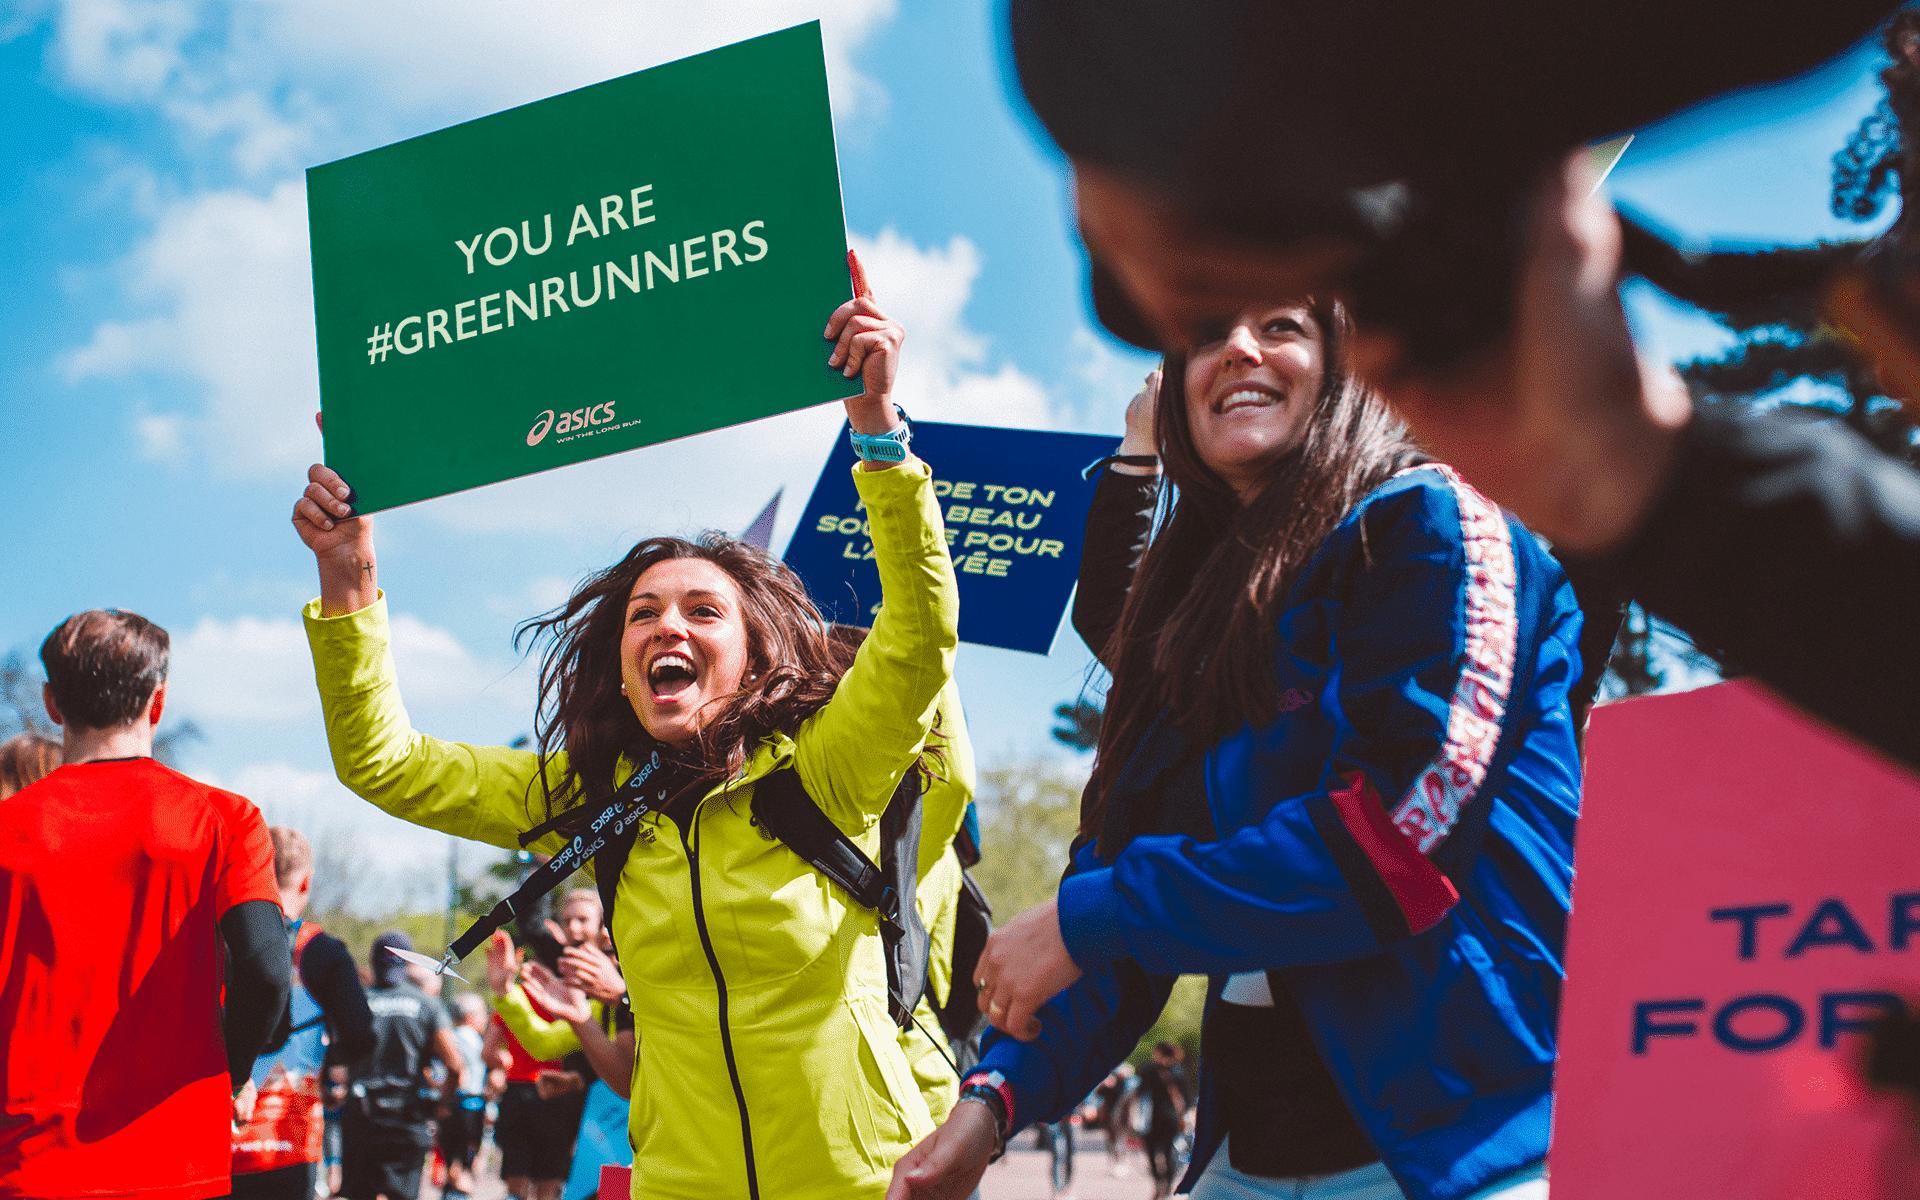 Parcourez 42 km lors de la Green Runners Week